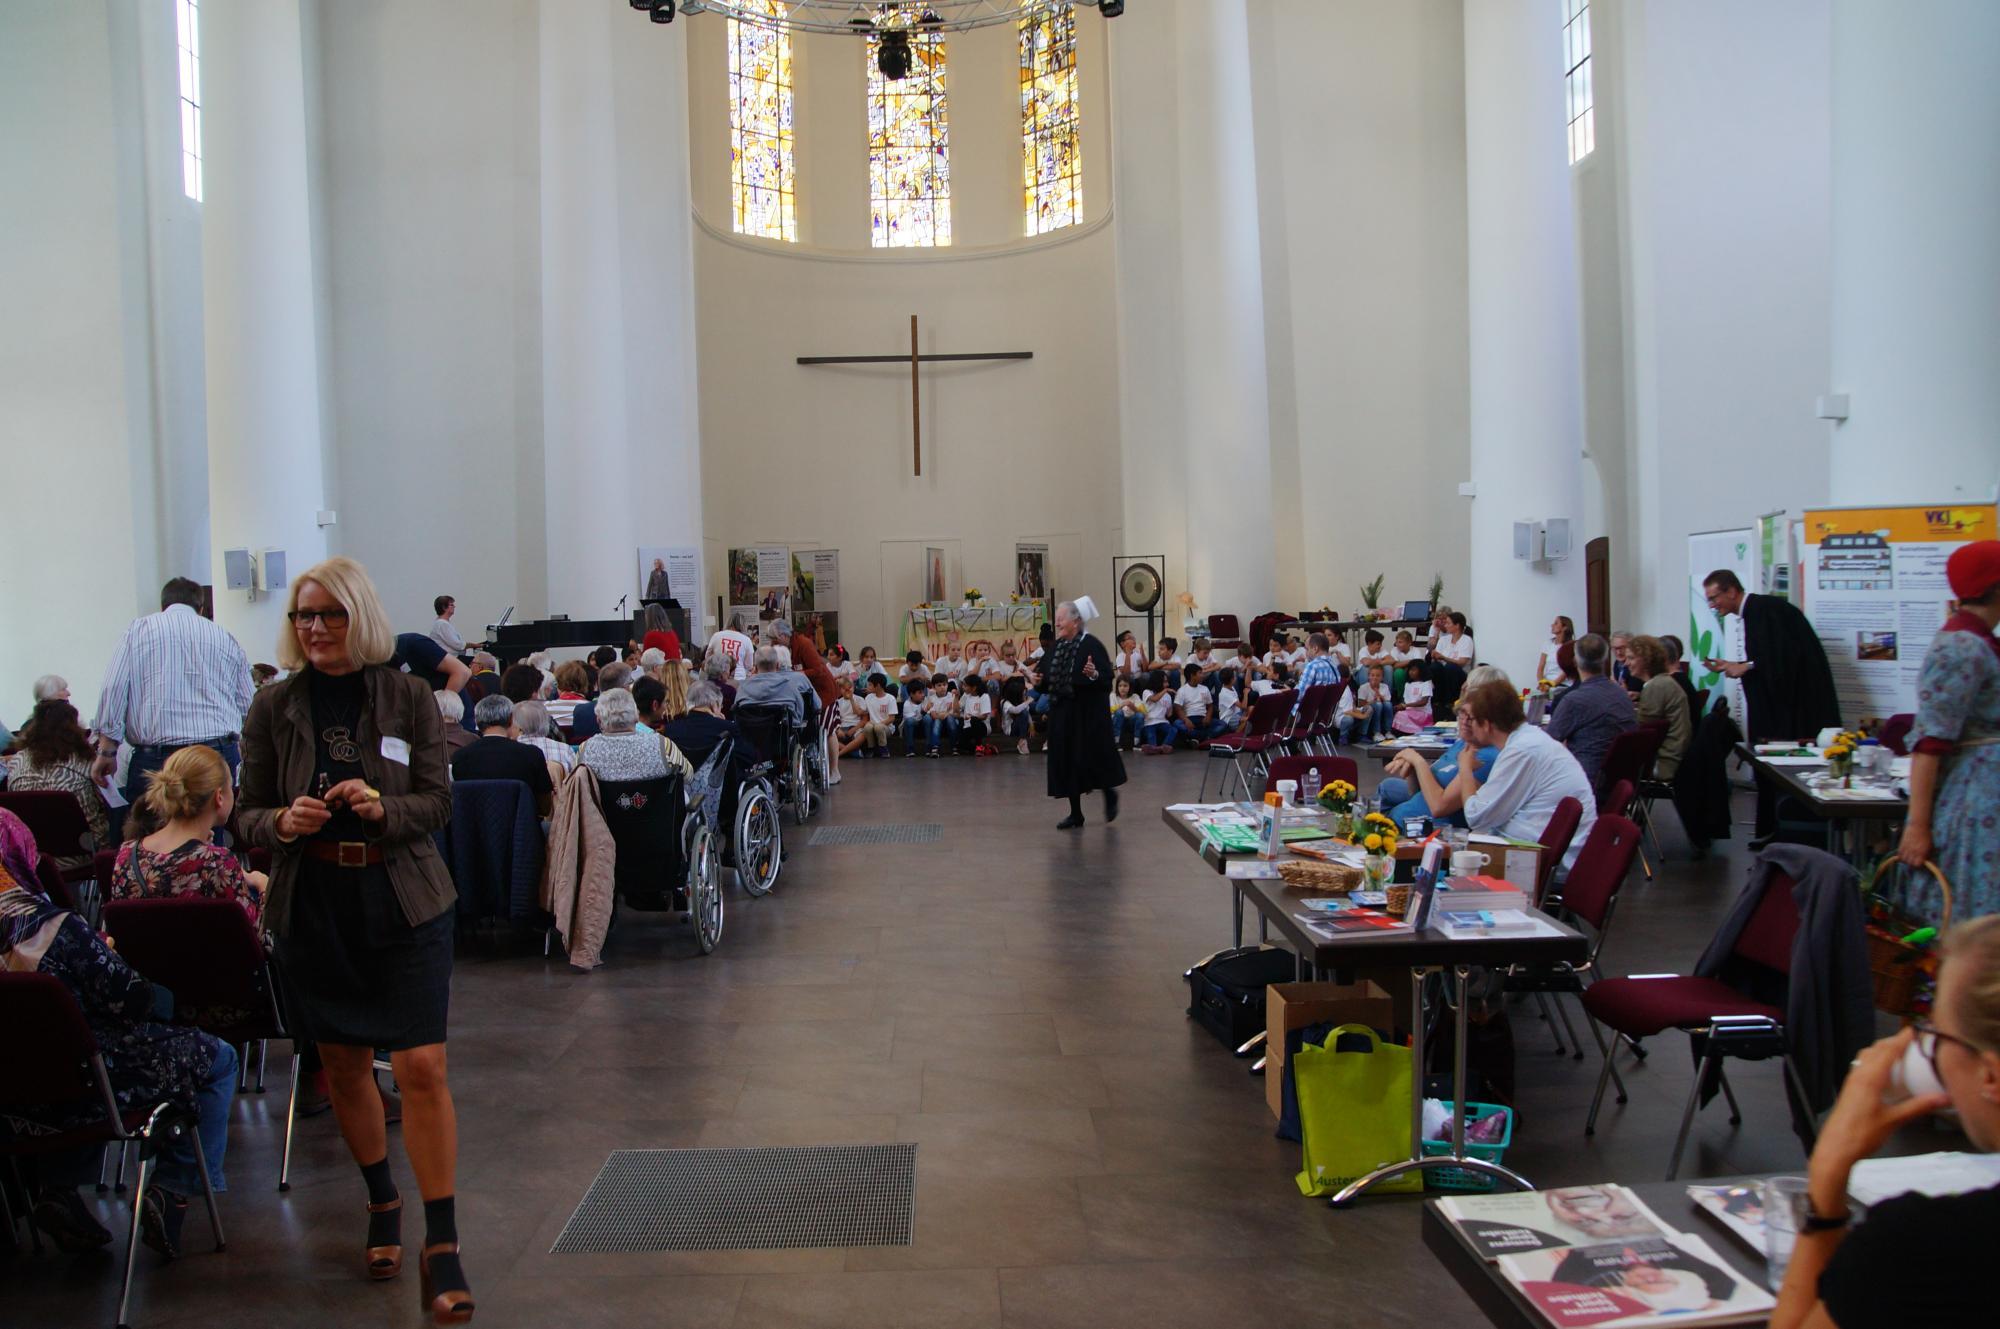 Bunt und rund - ein Blick in die Kreuzeskirche